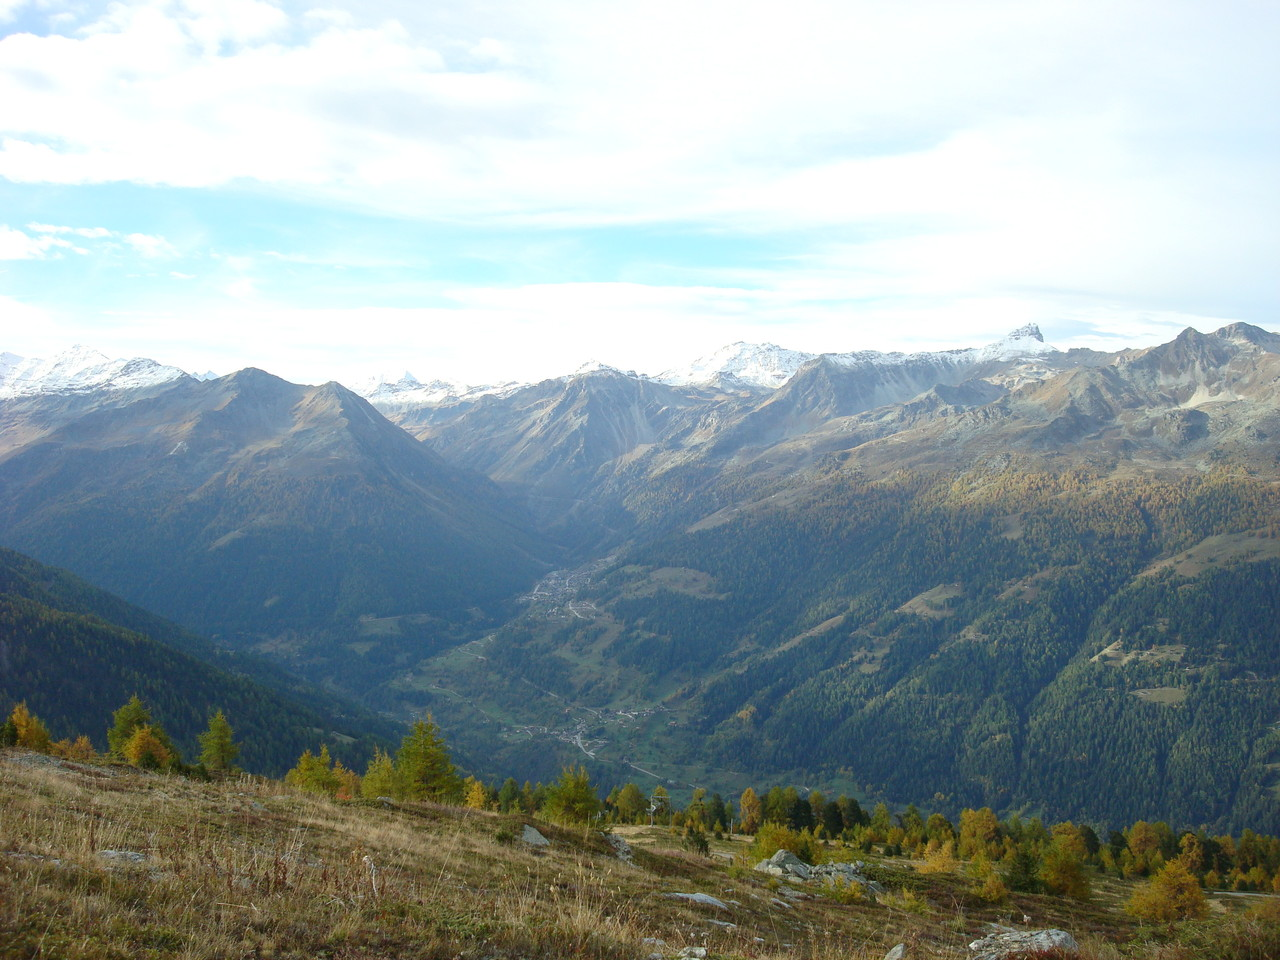 Das Val d'Anniviers verzweigt sich - links nach Zinal, rechts nach Grimentz